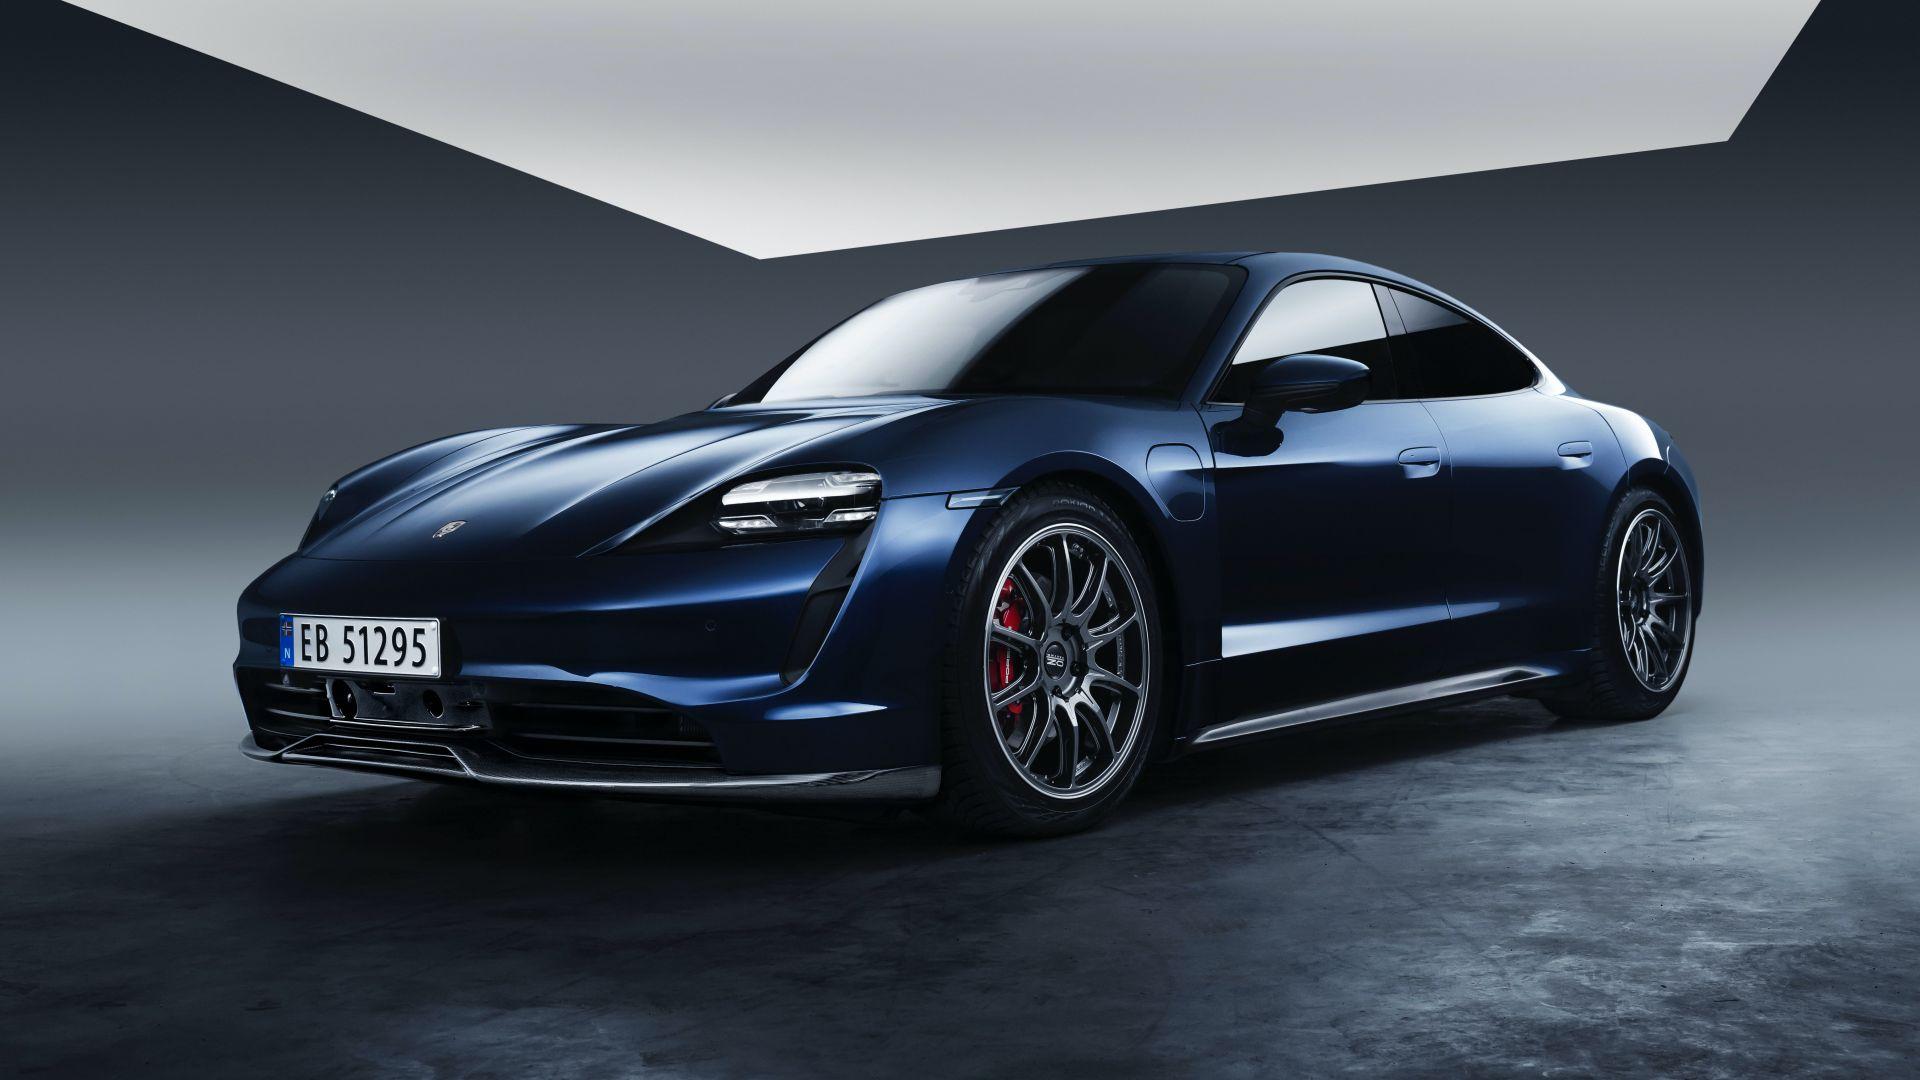 Porsche-Taycan-by-Zyrus-Engineering-1